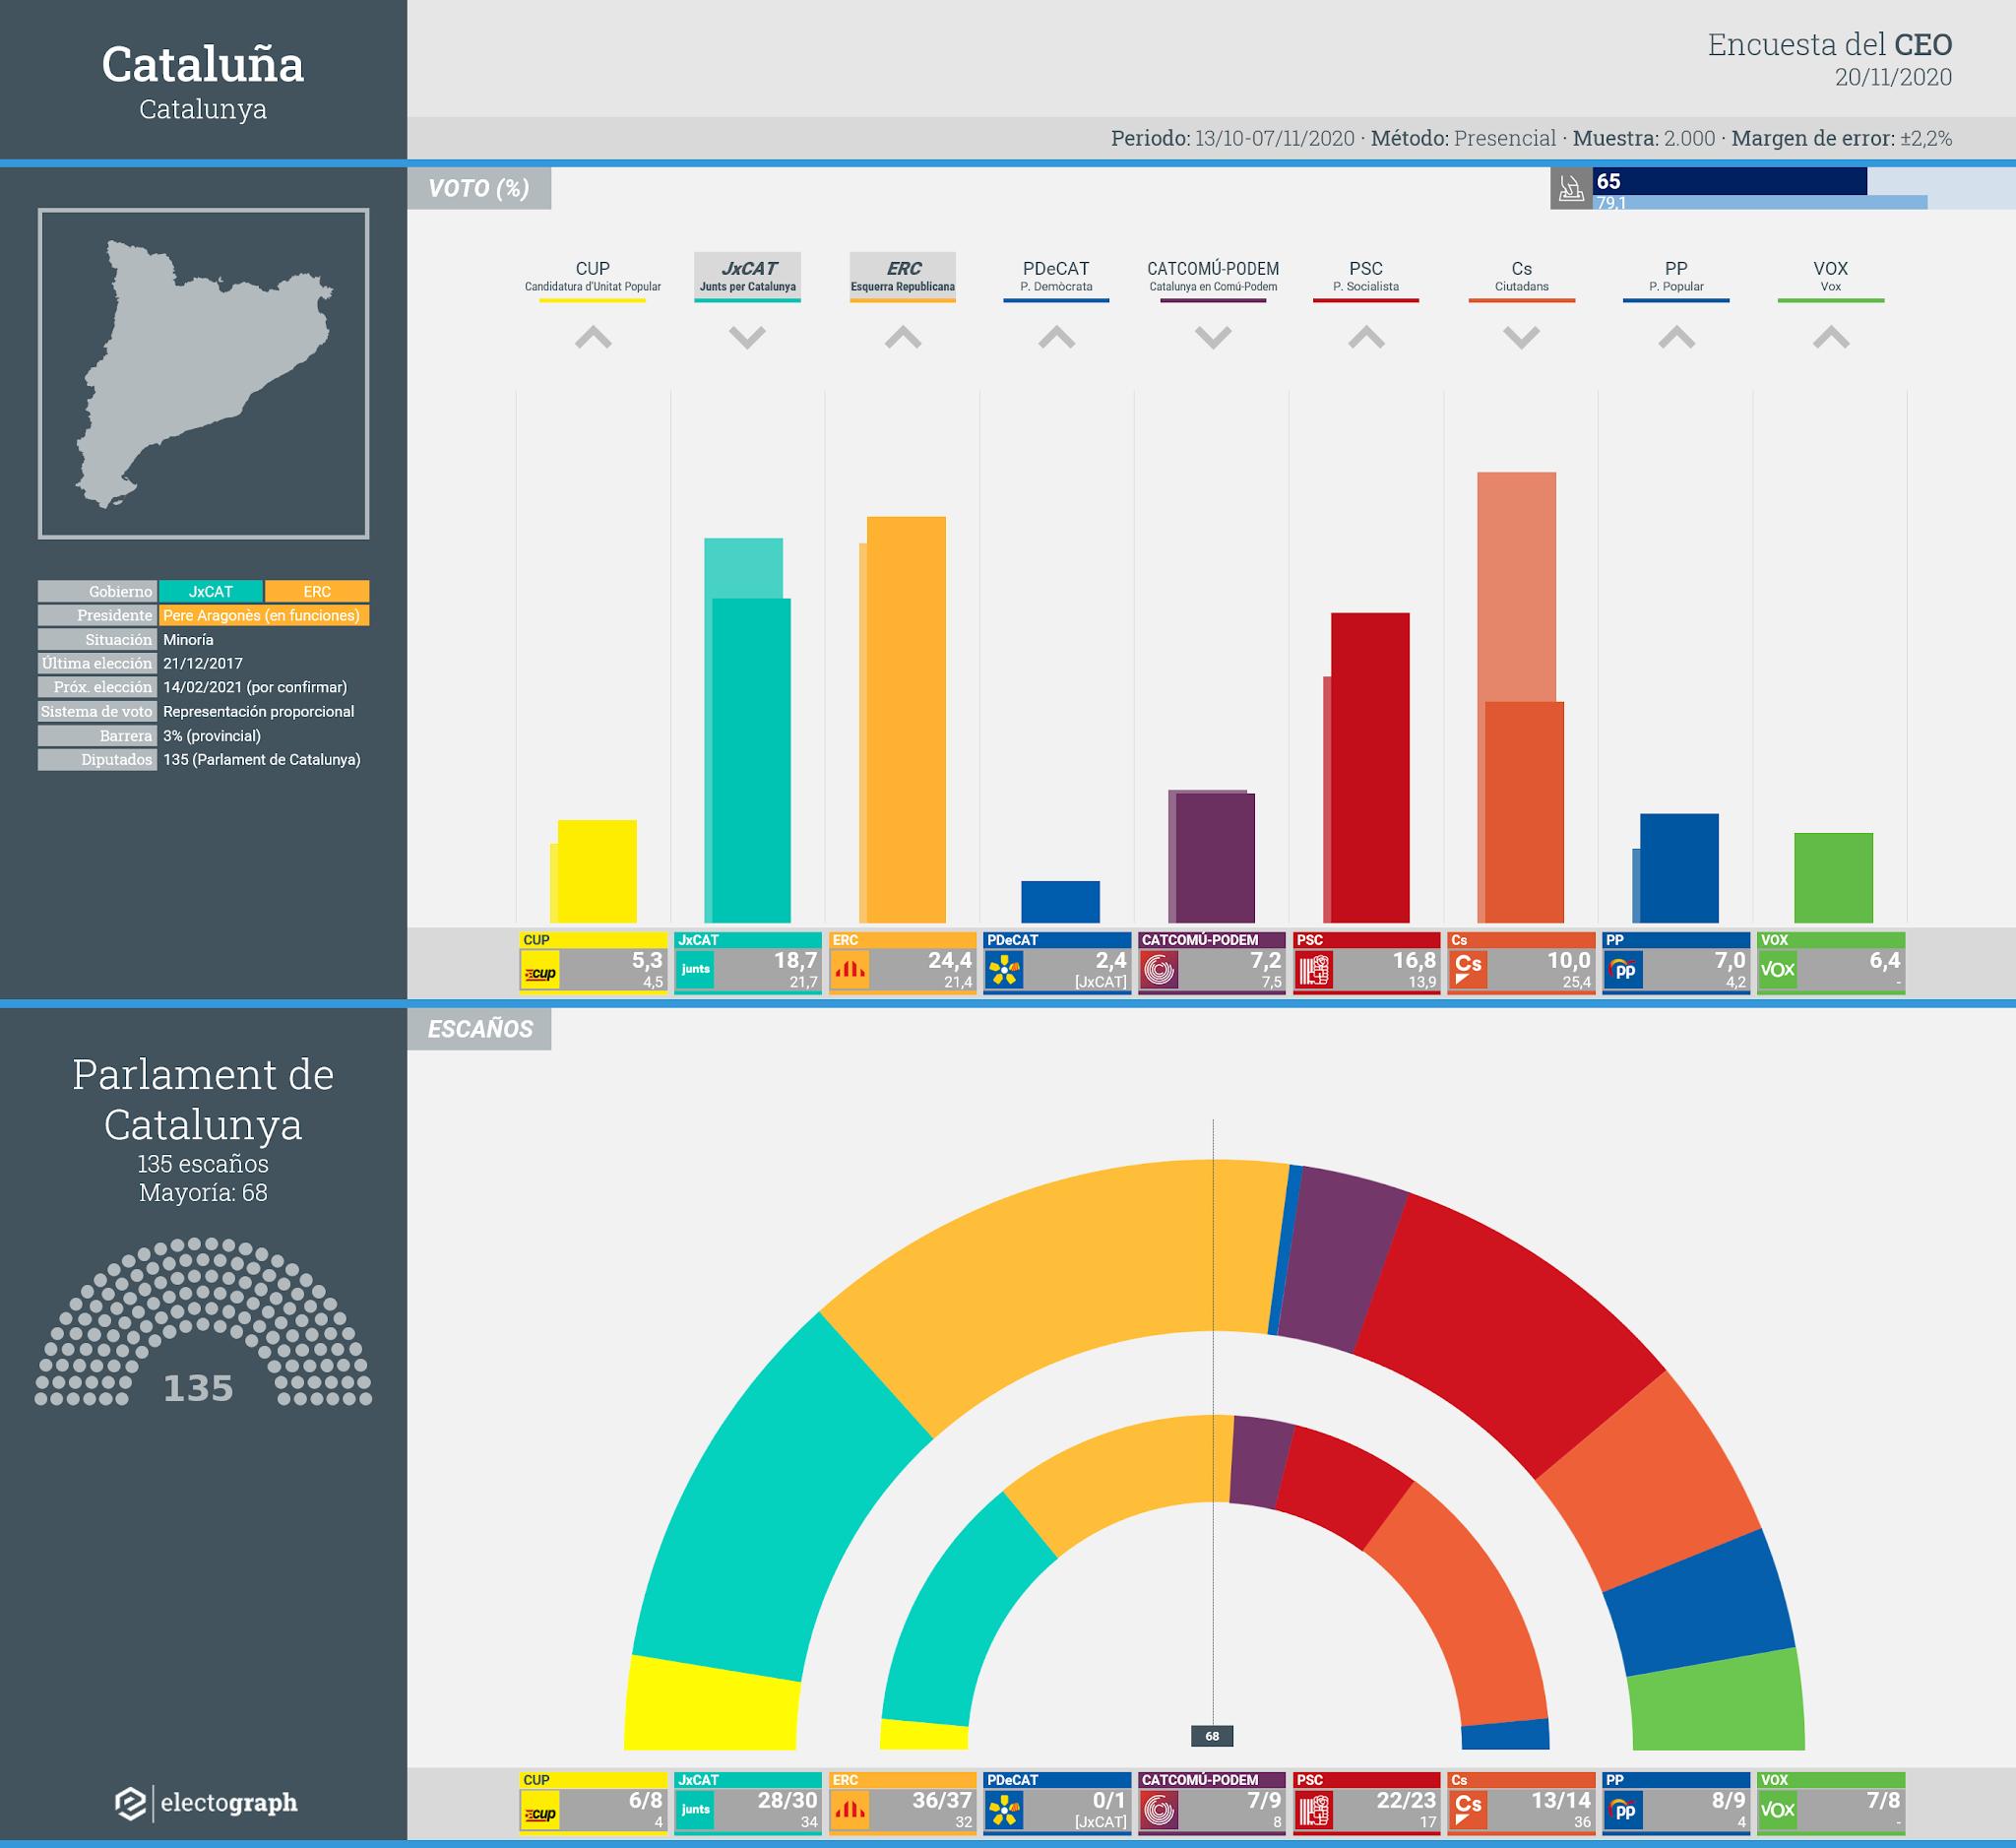 Gráfico de la encuesta para elecciones generales en Cataluña realizada por el CEO y GESOP, 20 de noviembre de 2020